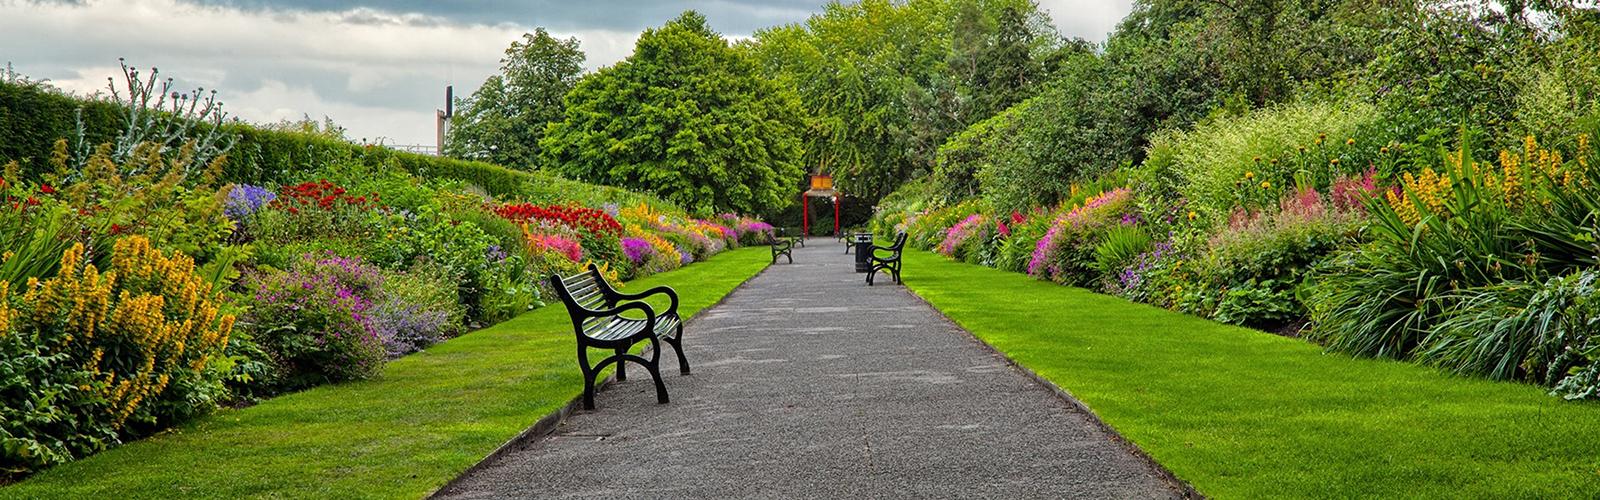 garden_park_road_benches_landscape_86269_3840x2160